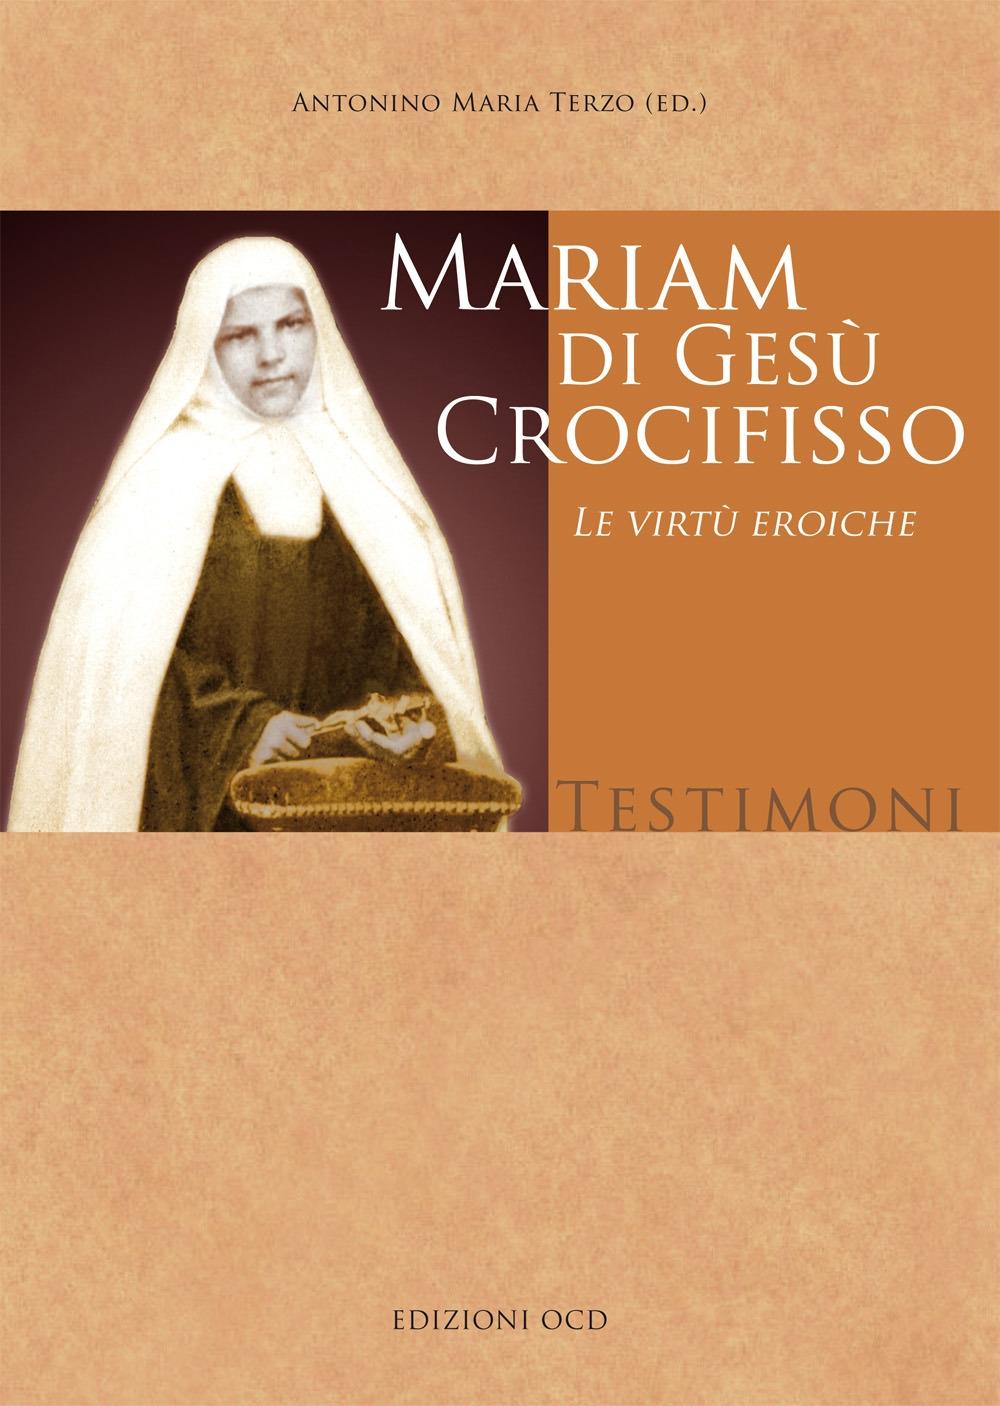 Mariam di Gesù Crocifisso. Le virtù eroiche